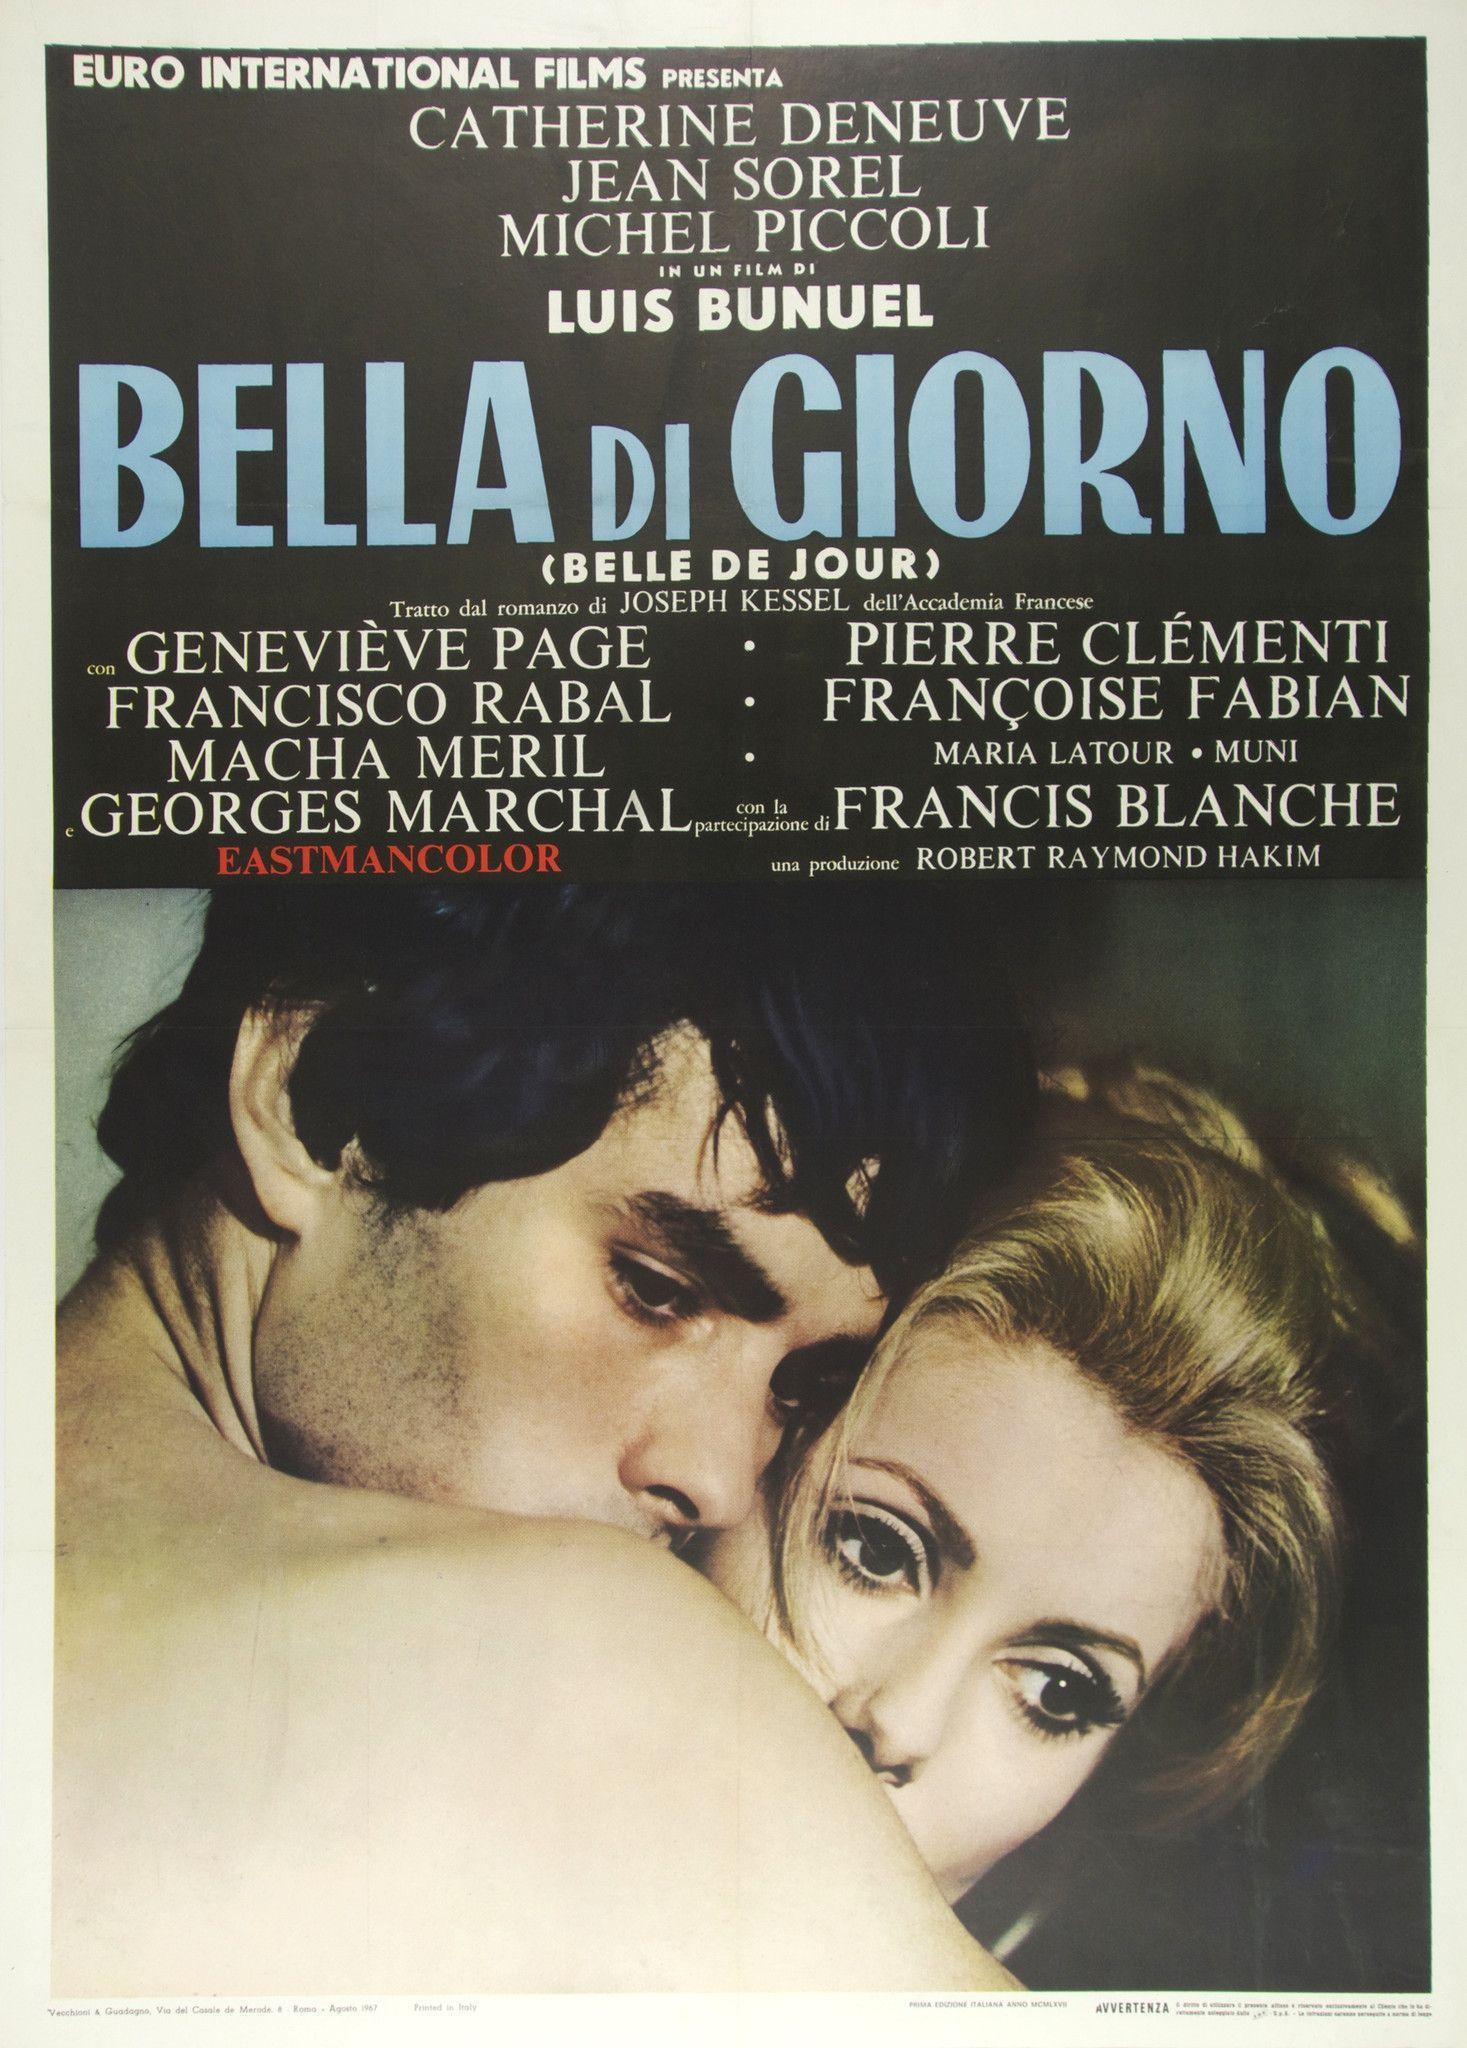 Bella Di Giorno The Image Movie, Bella, Hd Streaming, Movie Posters, English